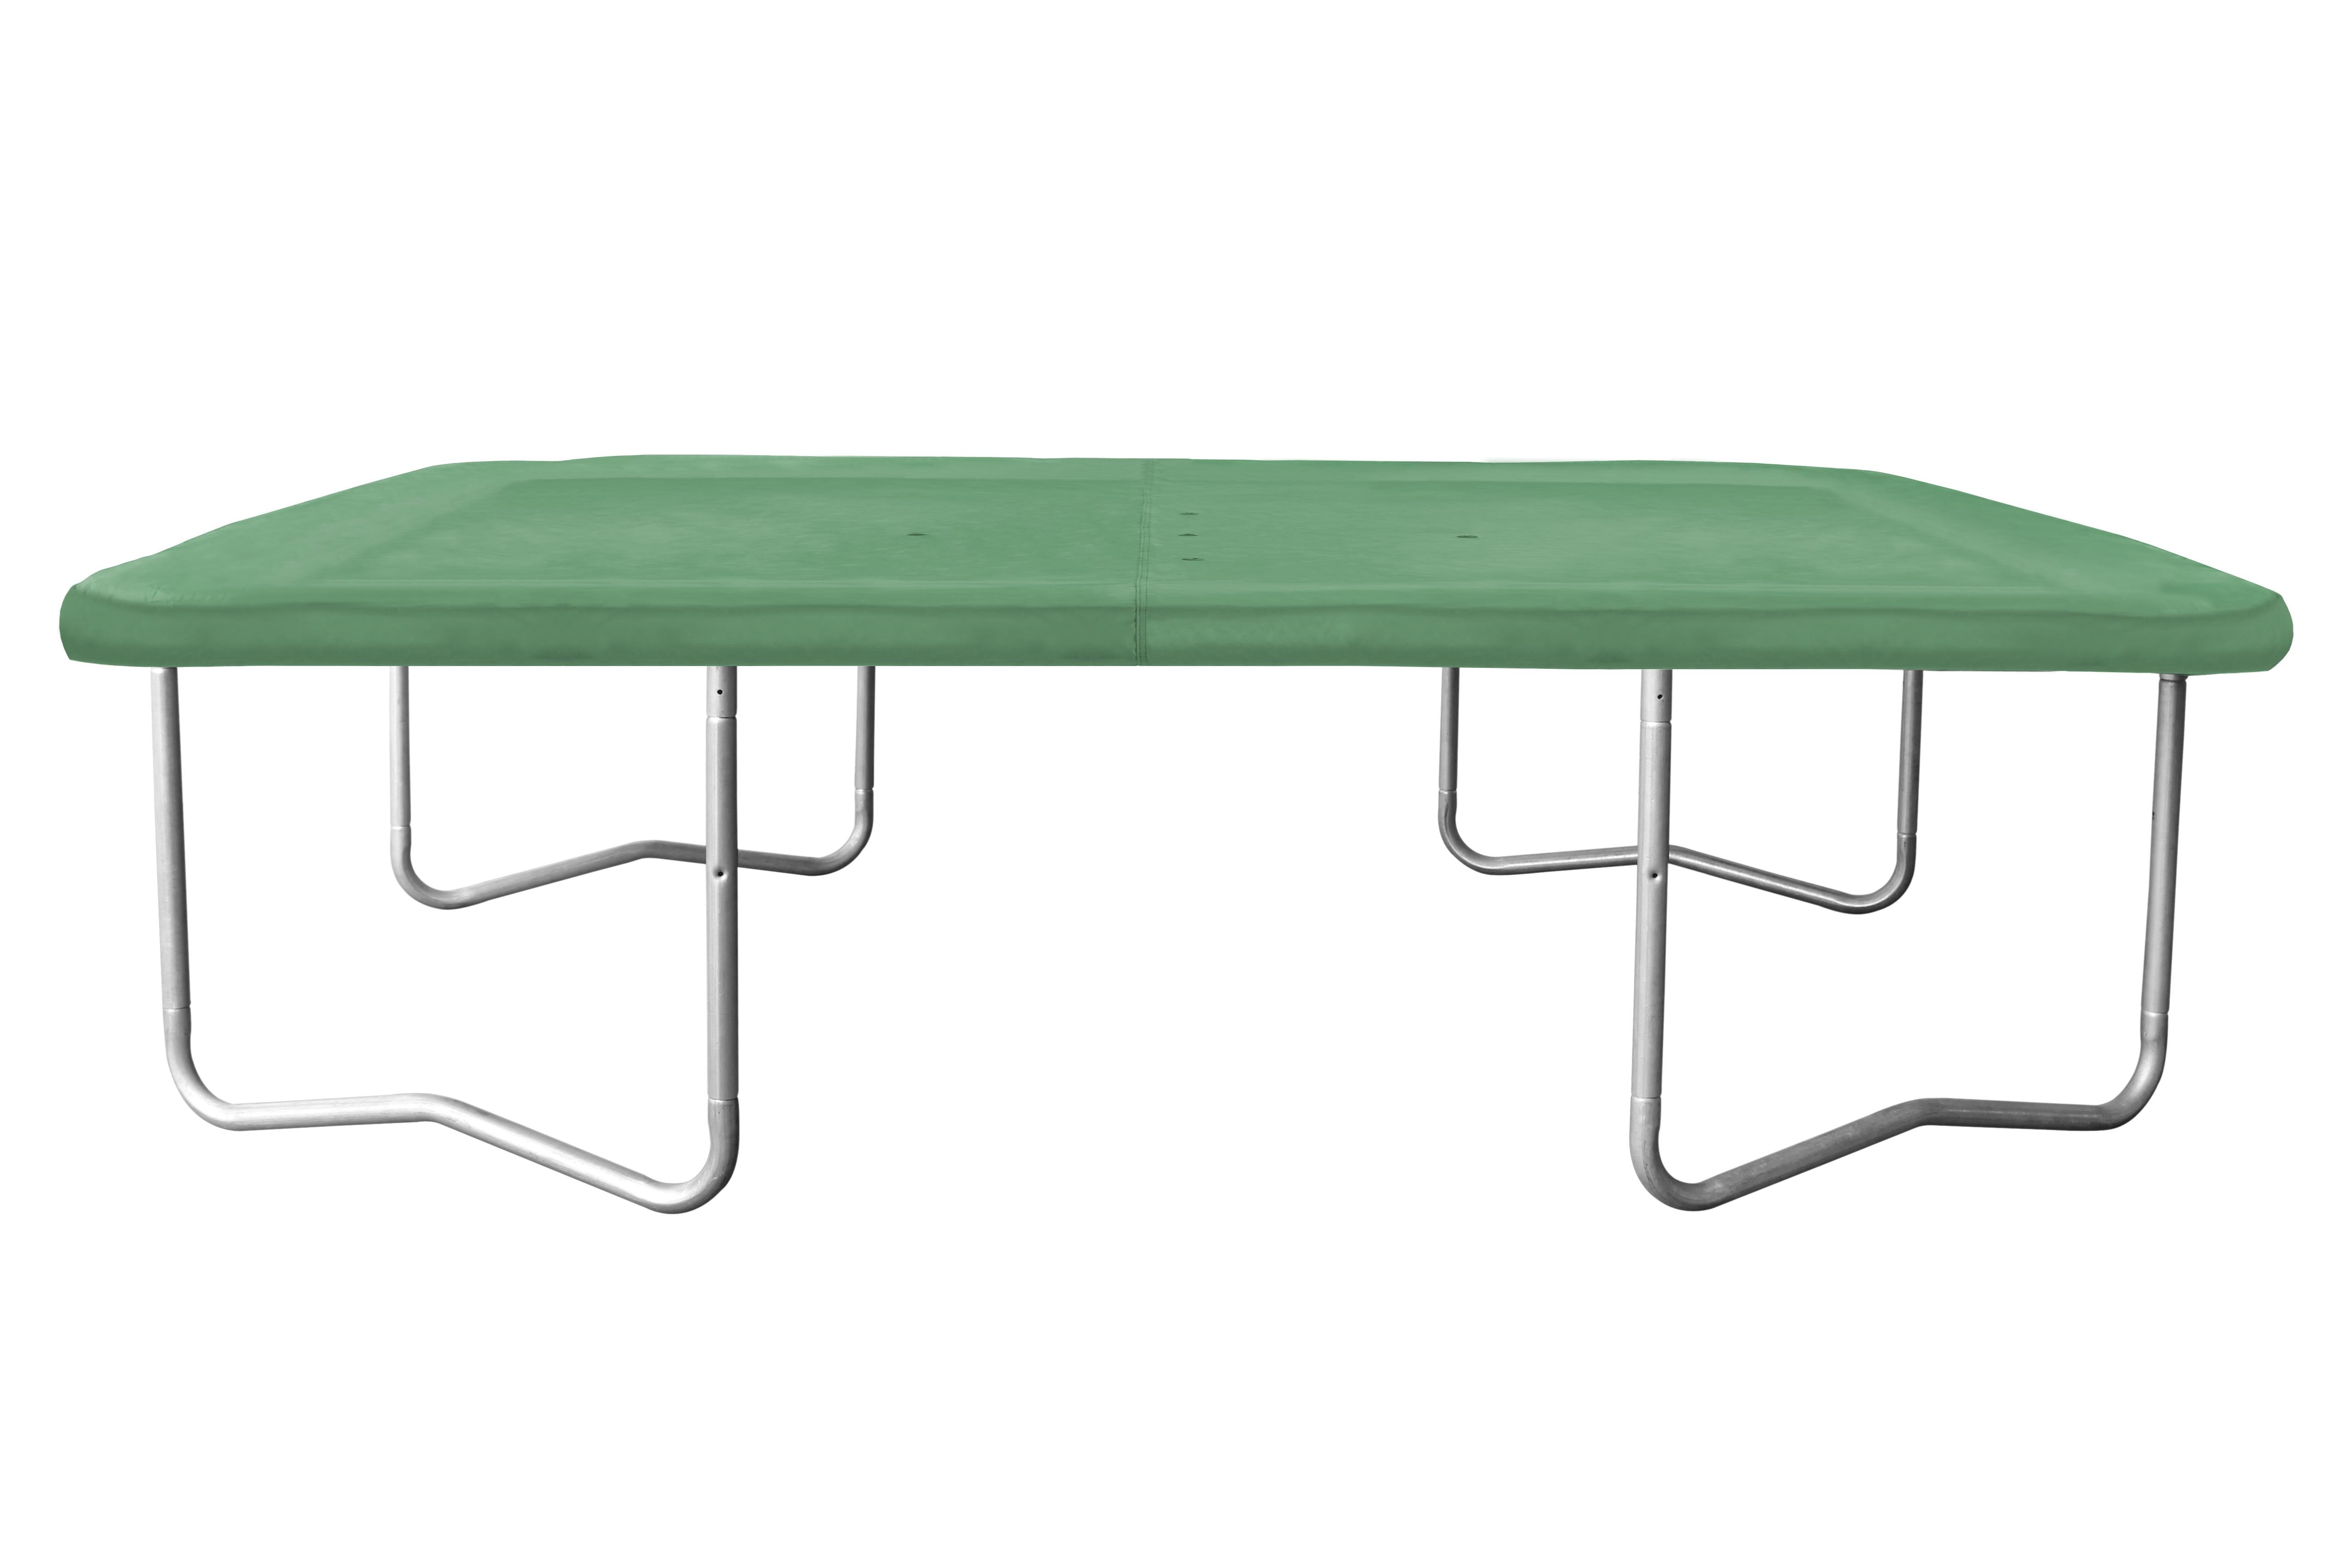 Salta 607 Trampoline Beschermhoes Groen voor Vierkante Trampoline 153 x 214cm